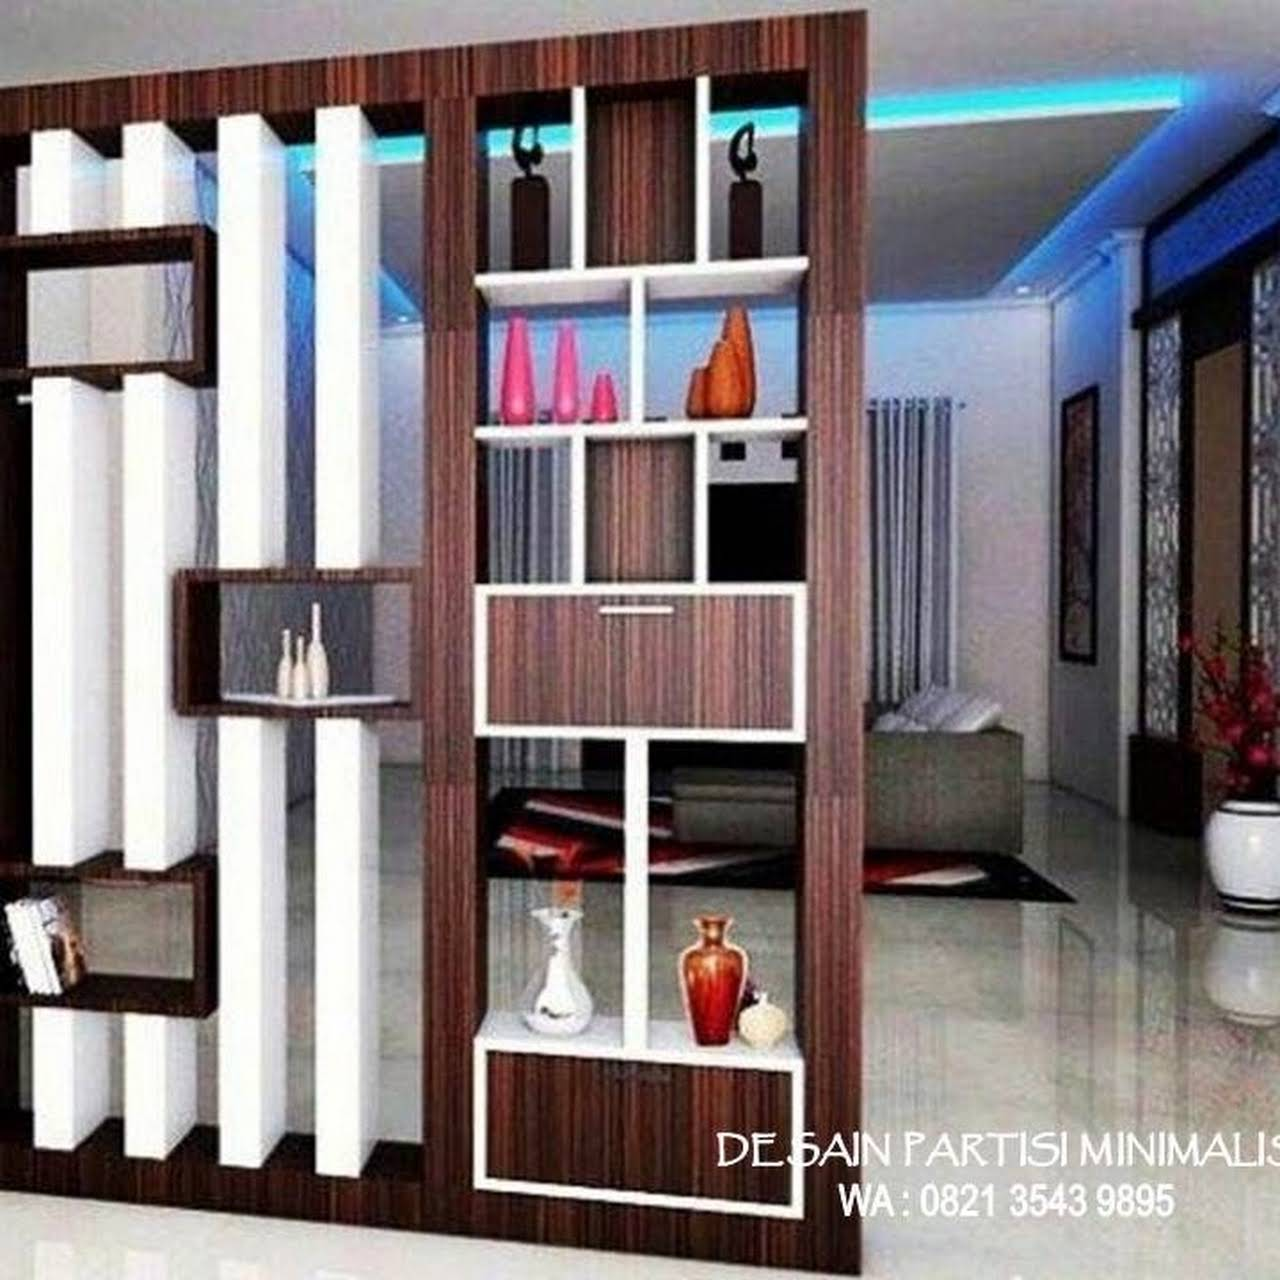 Partisi Minimalis Desainer Partisi Interior Minimalis Melayani Pembuatan Desain Interior Dan Furniture Rumah Kantor Bank Mall Supermarket Purwokerto